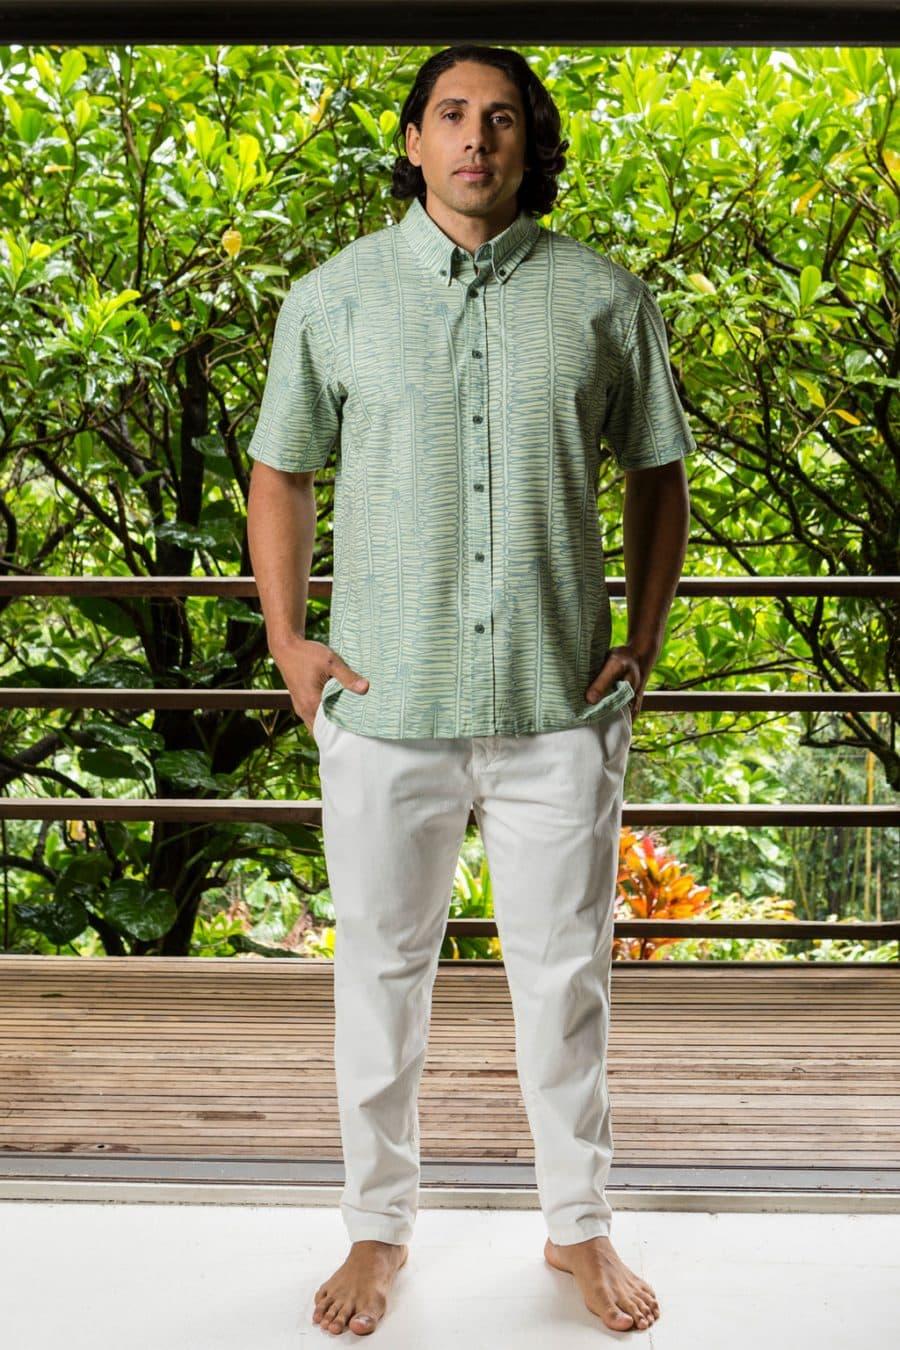 Male model wearing Mahalo Shirt in Margarita Lily Pad Kupukupu pattern